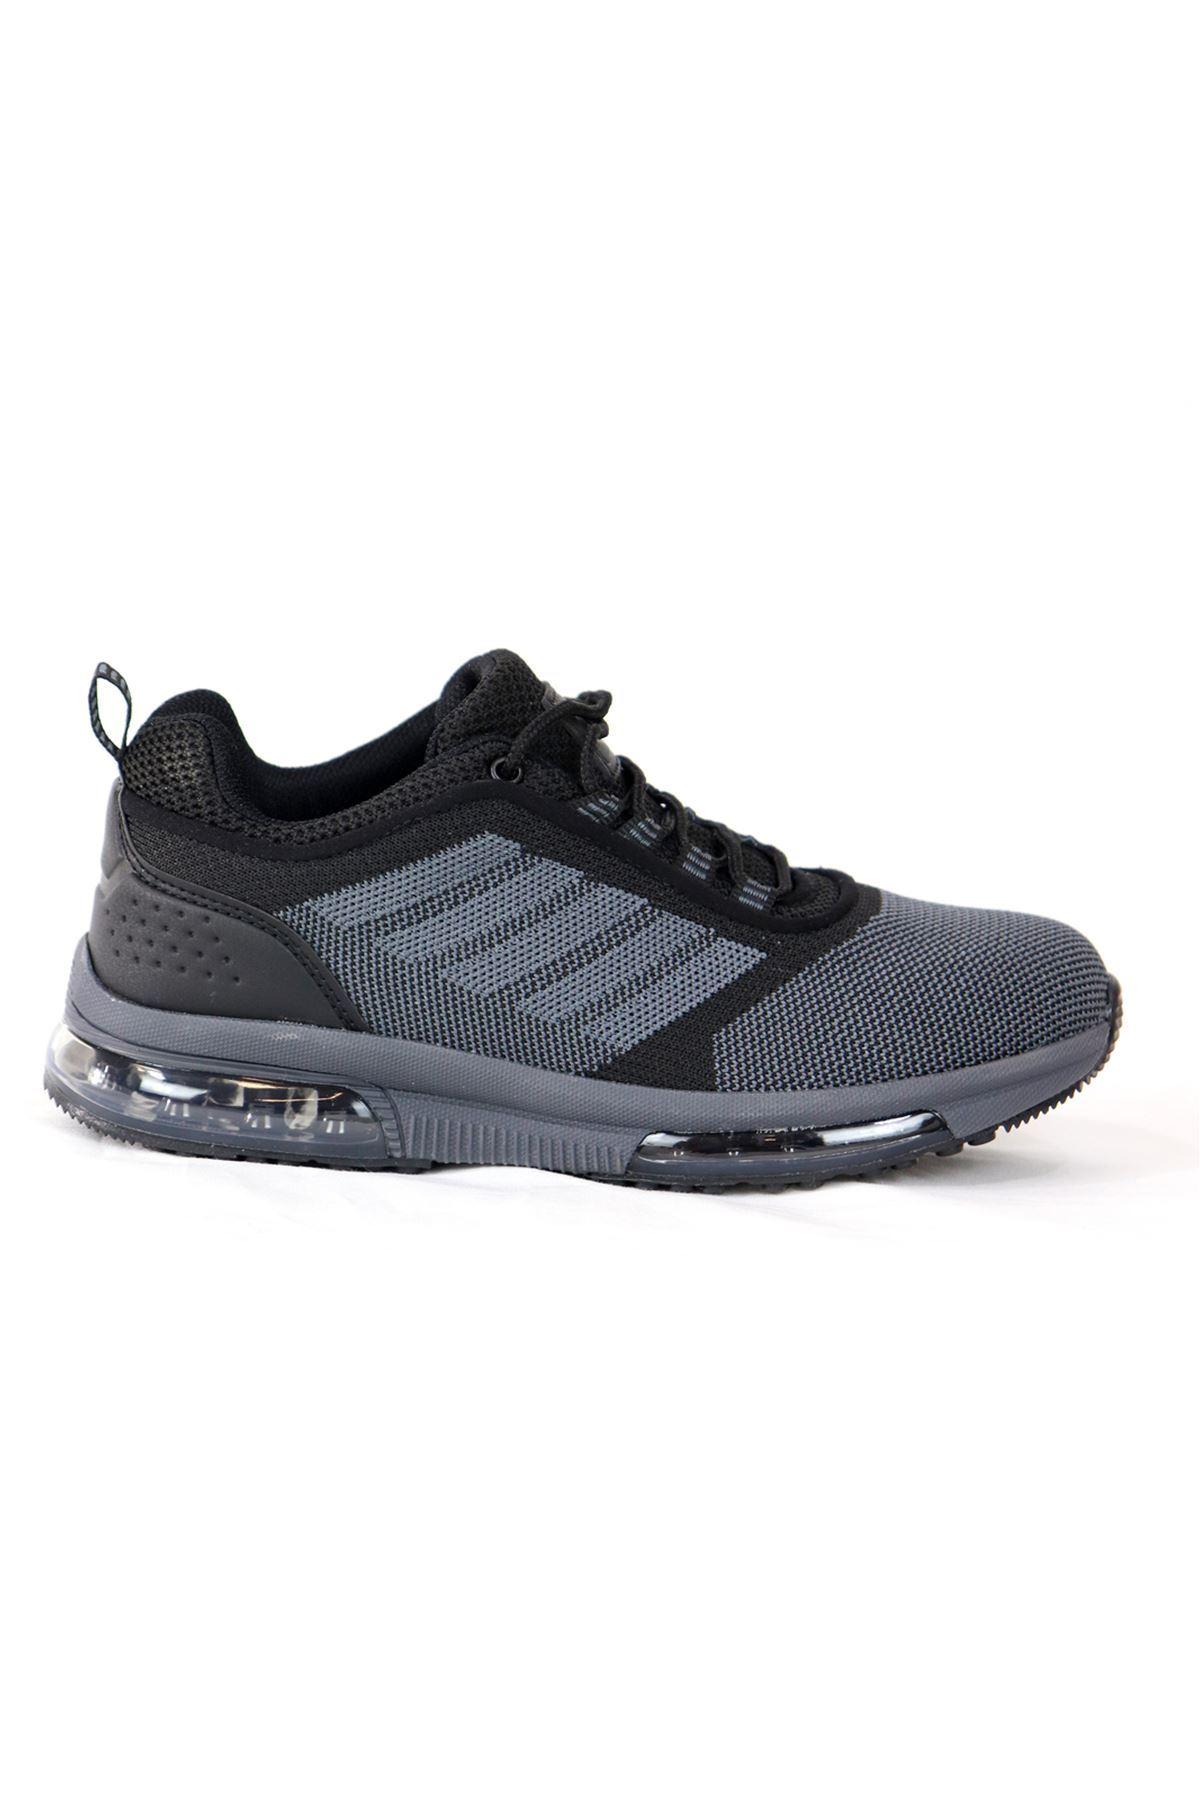 MP - 201 - 1172ZN - Siyah Gri Kadın Spor Ayakkabısı